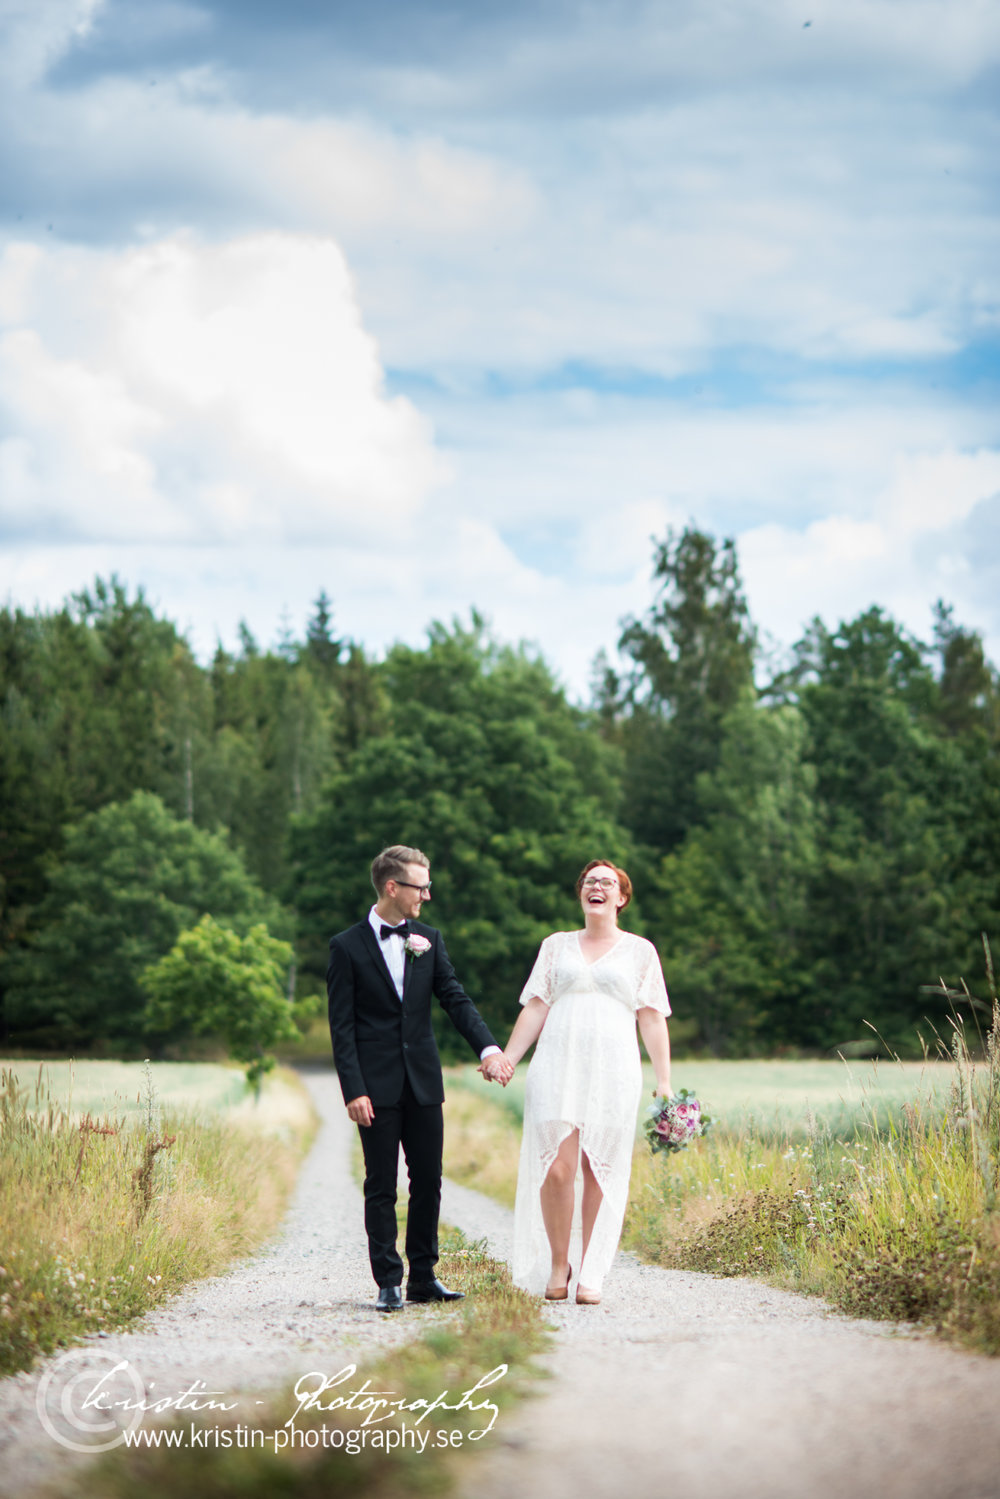 Bröllopsfotograf i Eskilstuna, Kristin - Photography, newborn-35.jpg